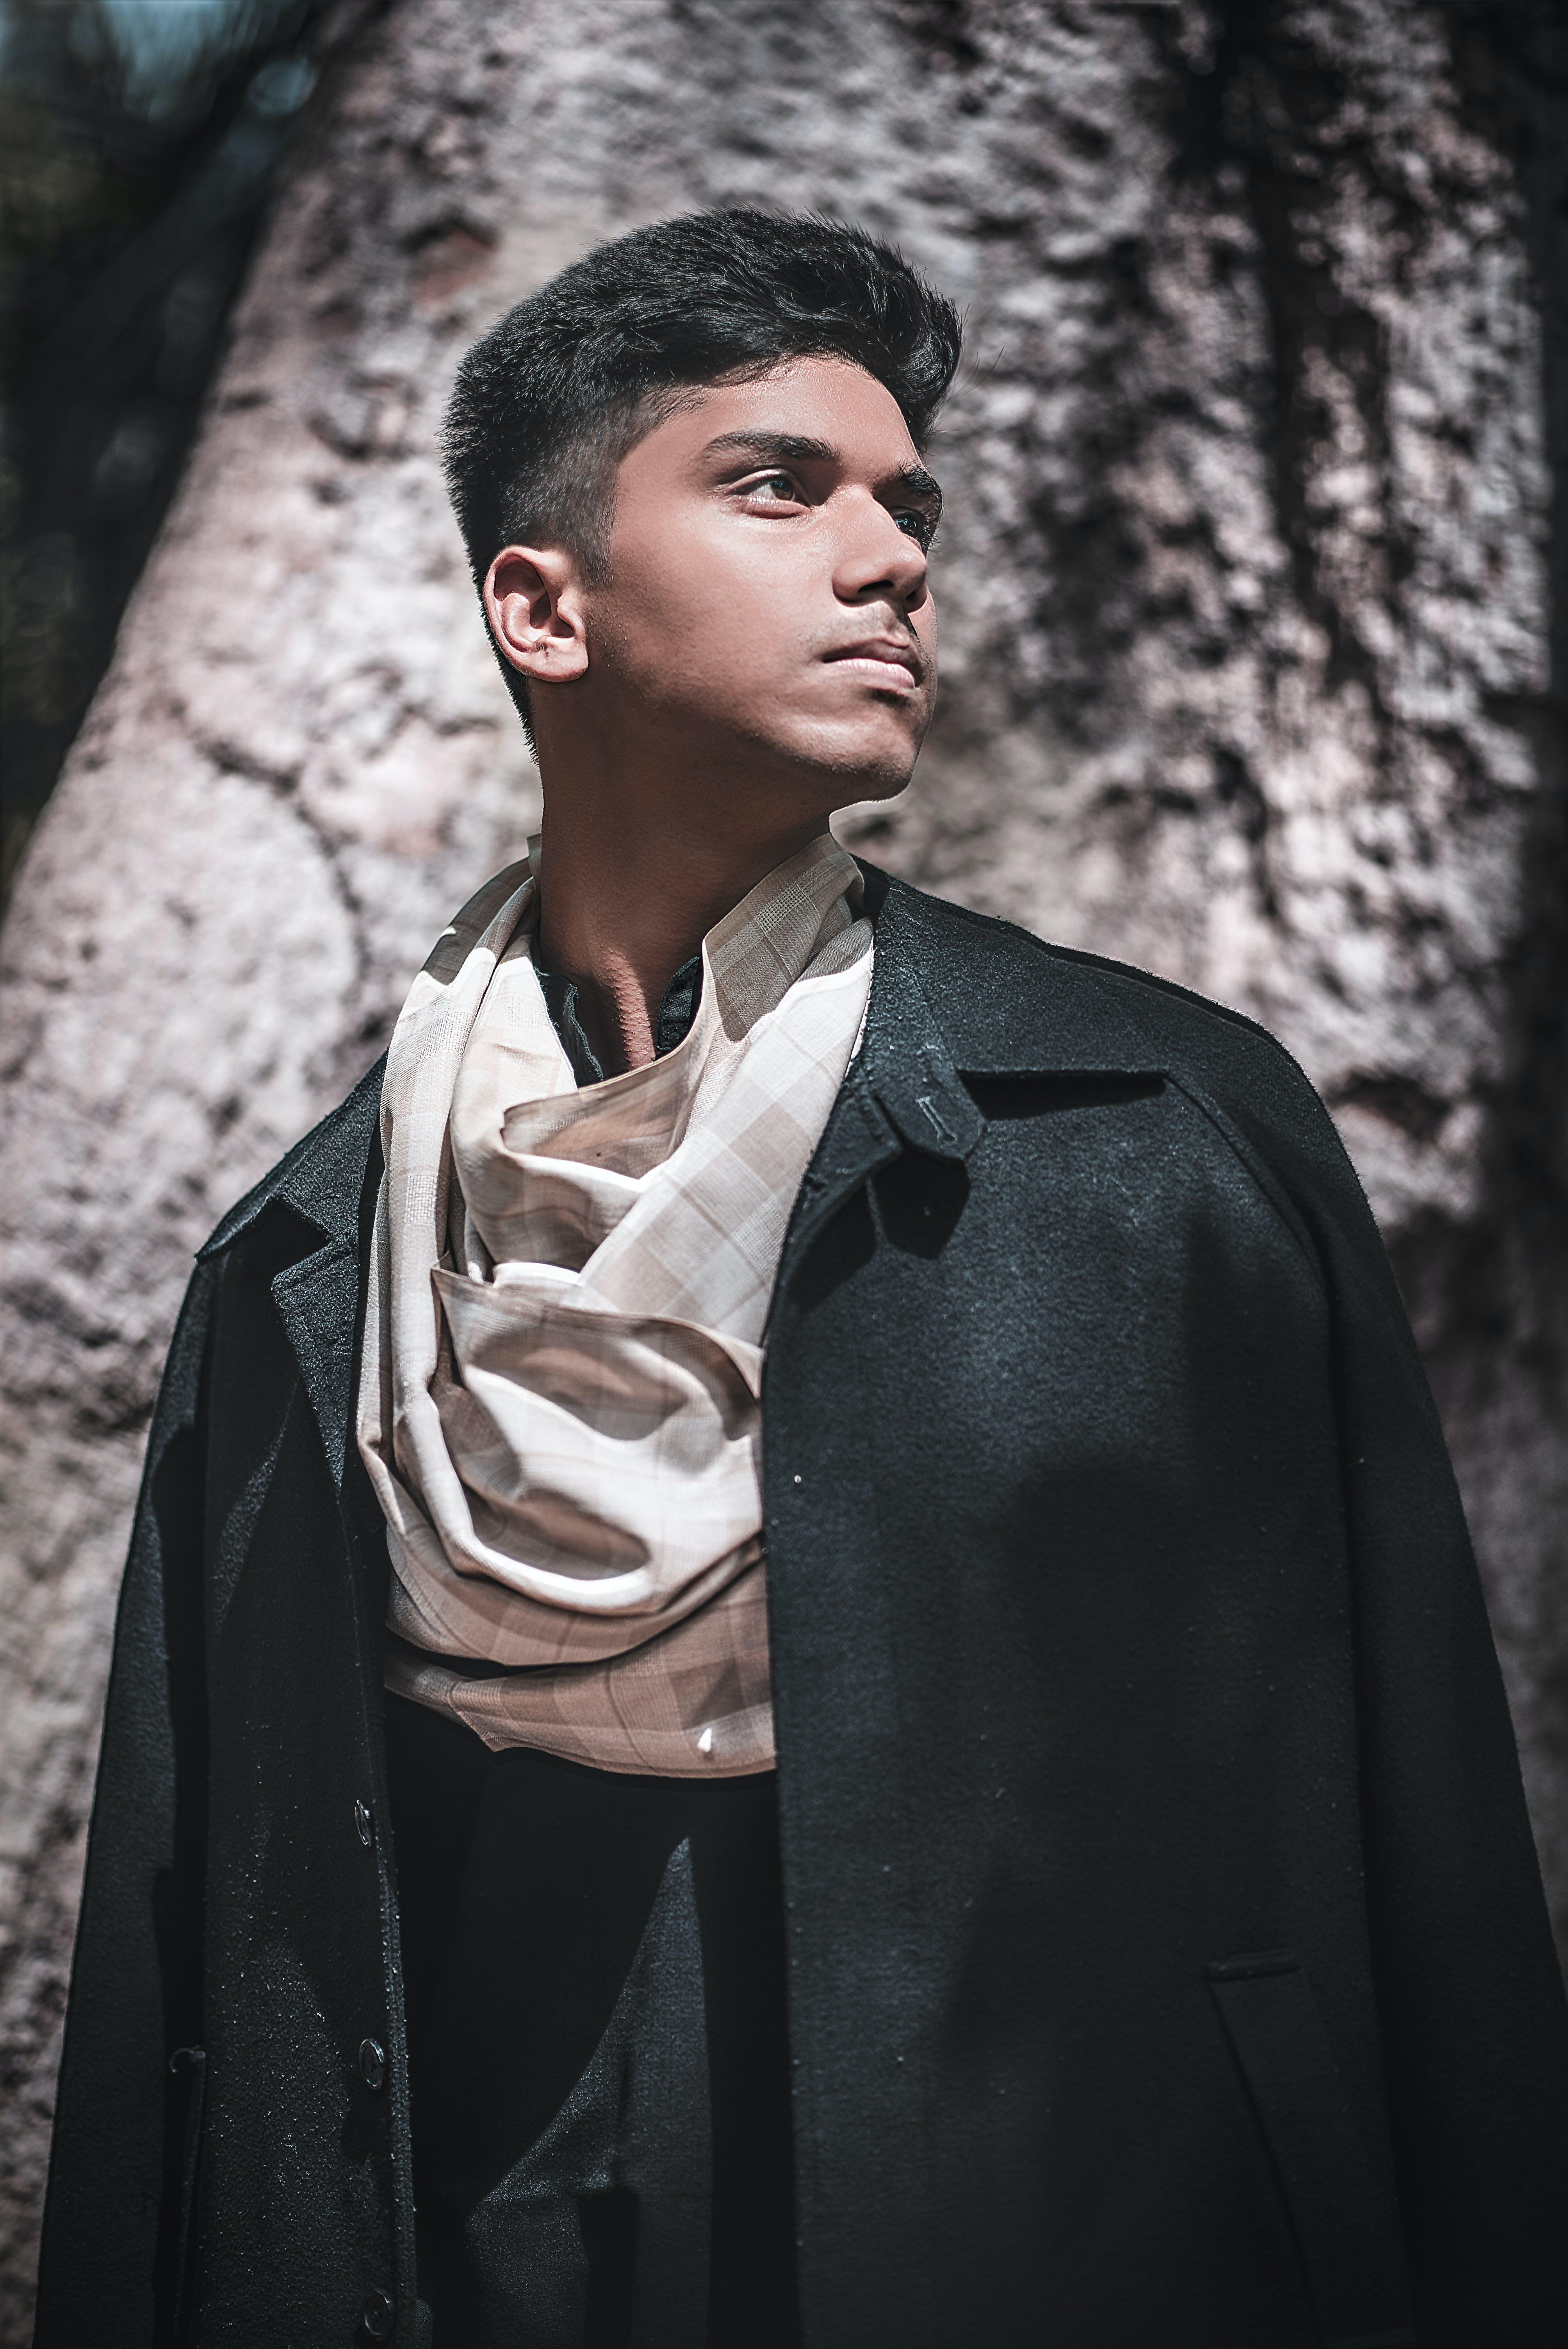 Man Wearing Black Coat Facing Sideways